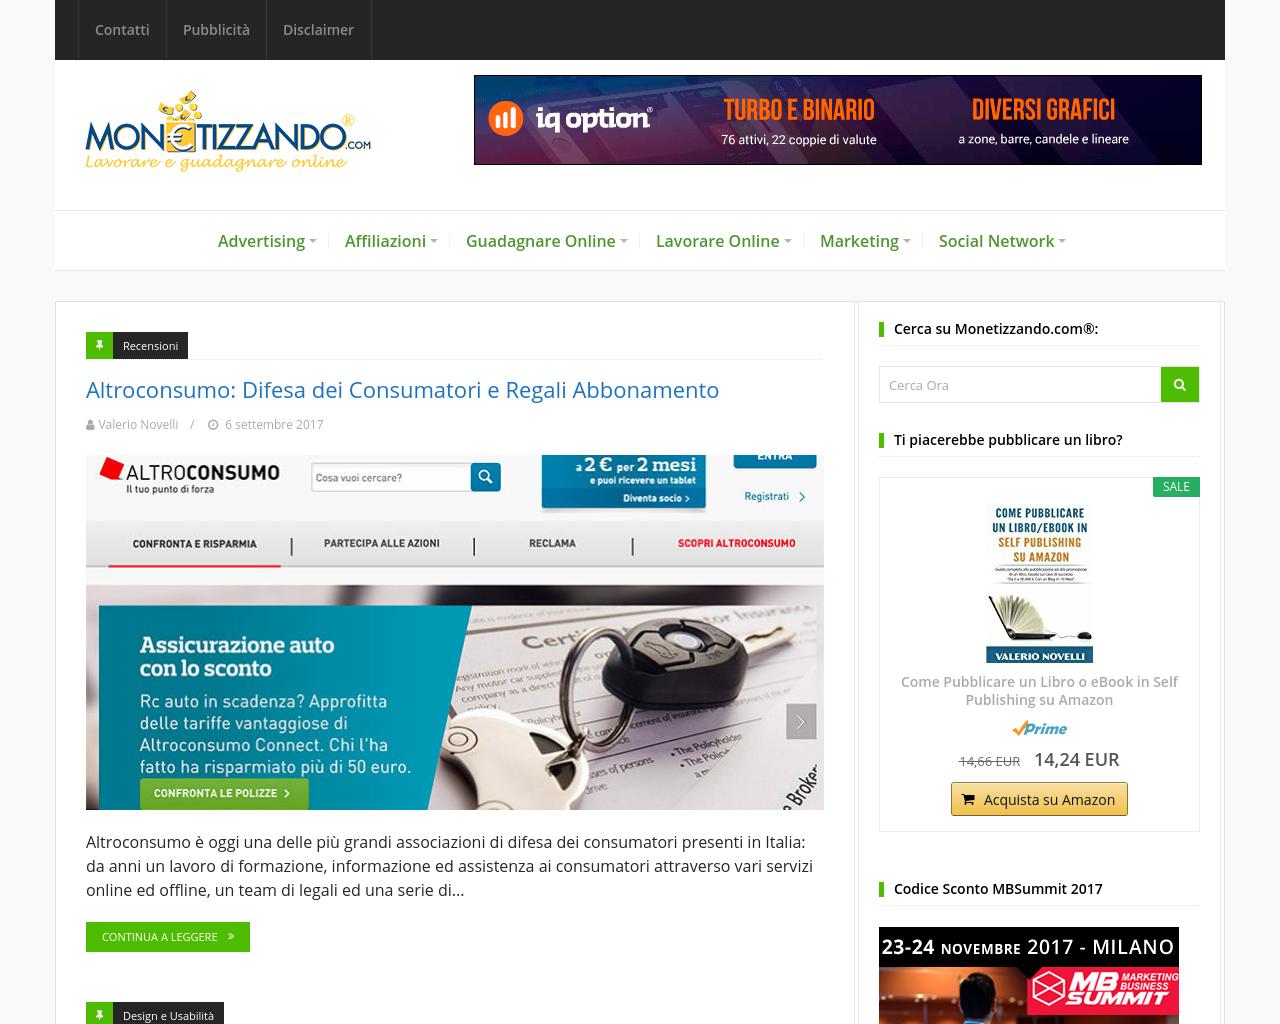 MONETIZZANDO.COM-Advertising-Reviews-Pricing